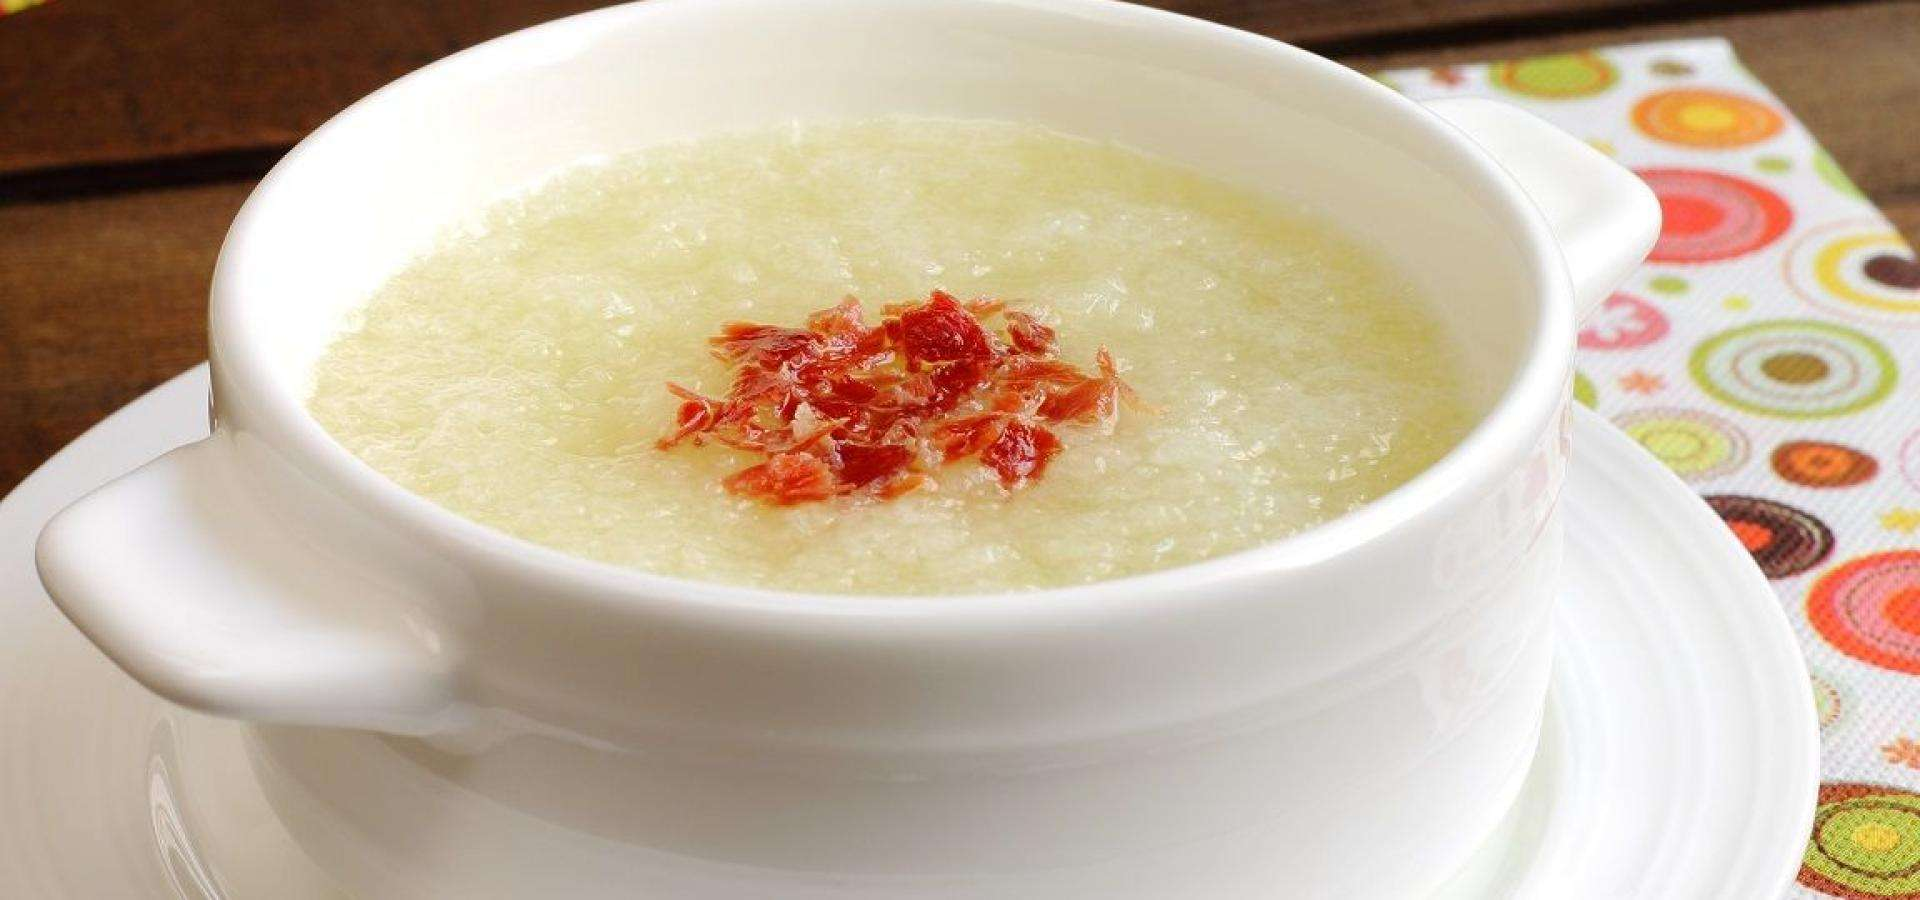 Receta de sopa de melón con crujiente de jamón